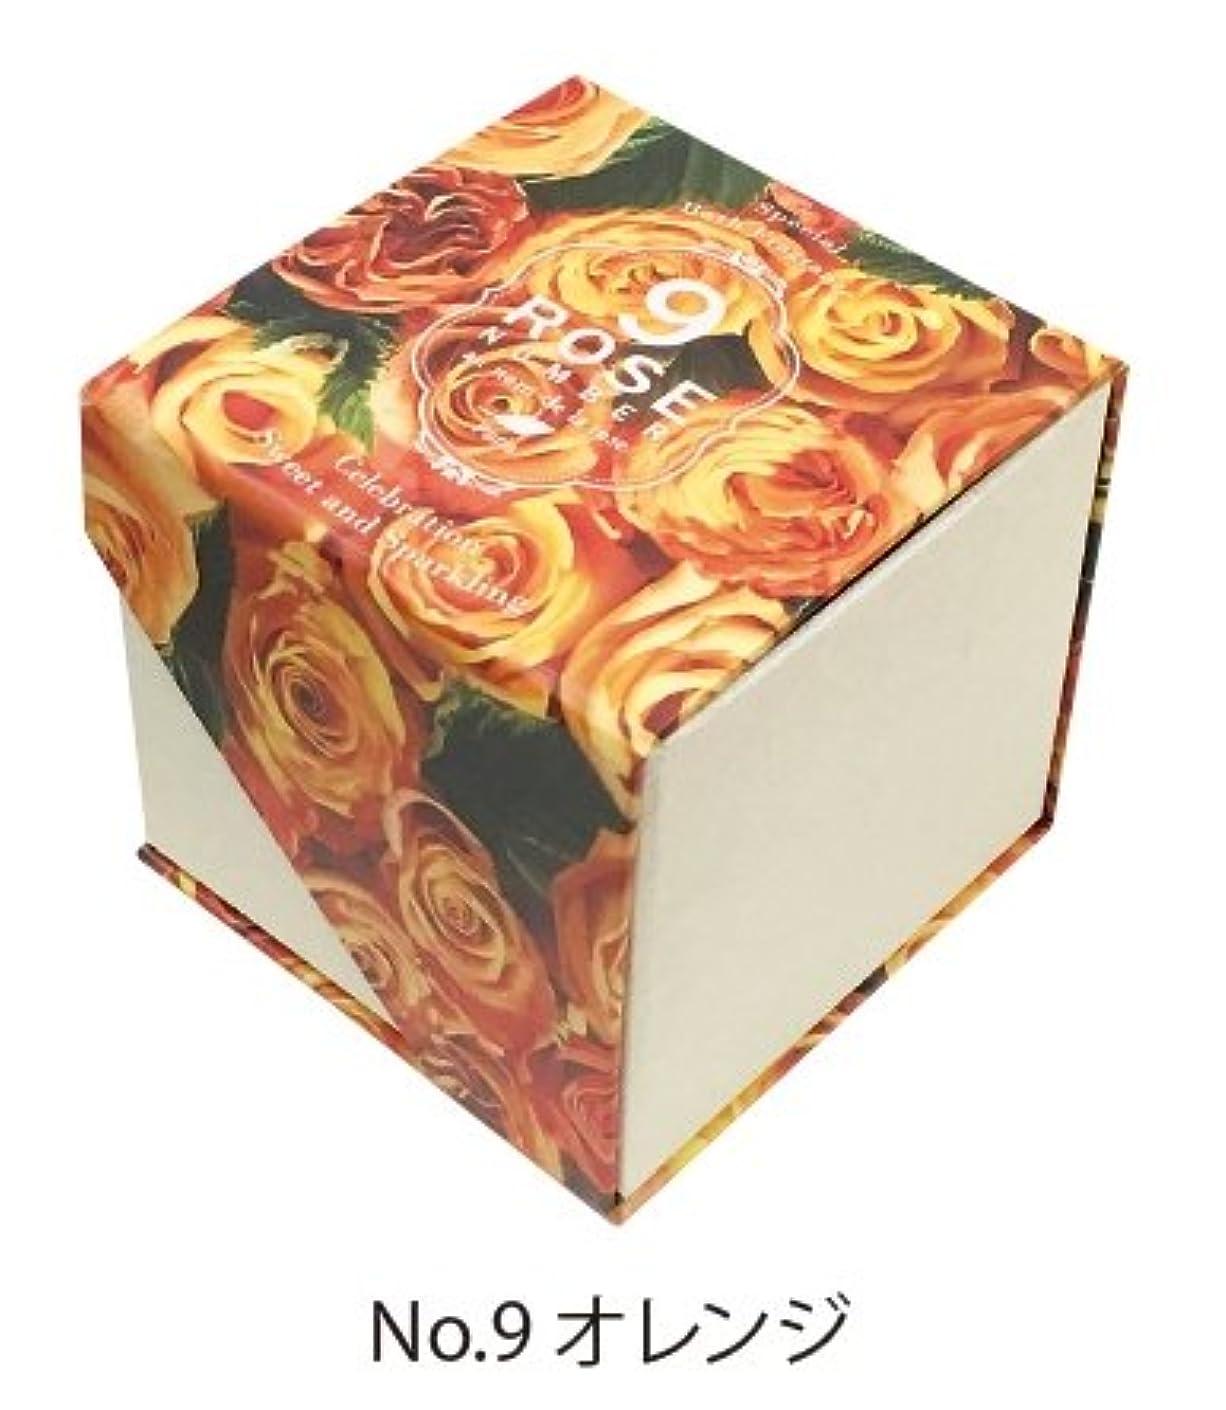 要求する報奨金発行する九州フラワーサービス(Kyushu Flower Service) 入浴剤 77280